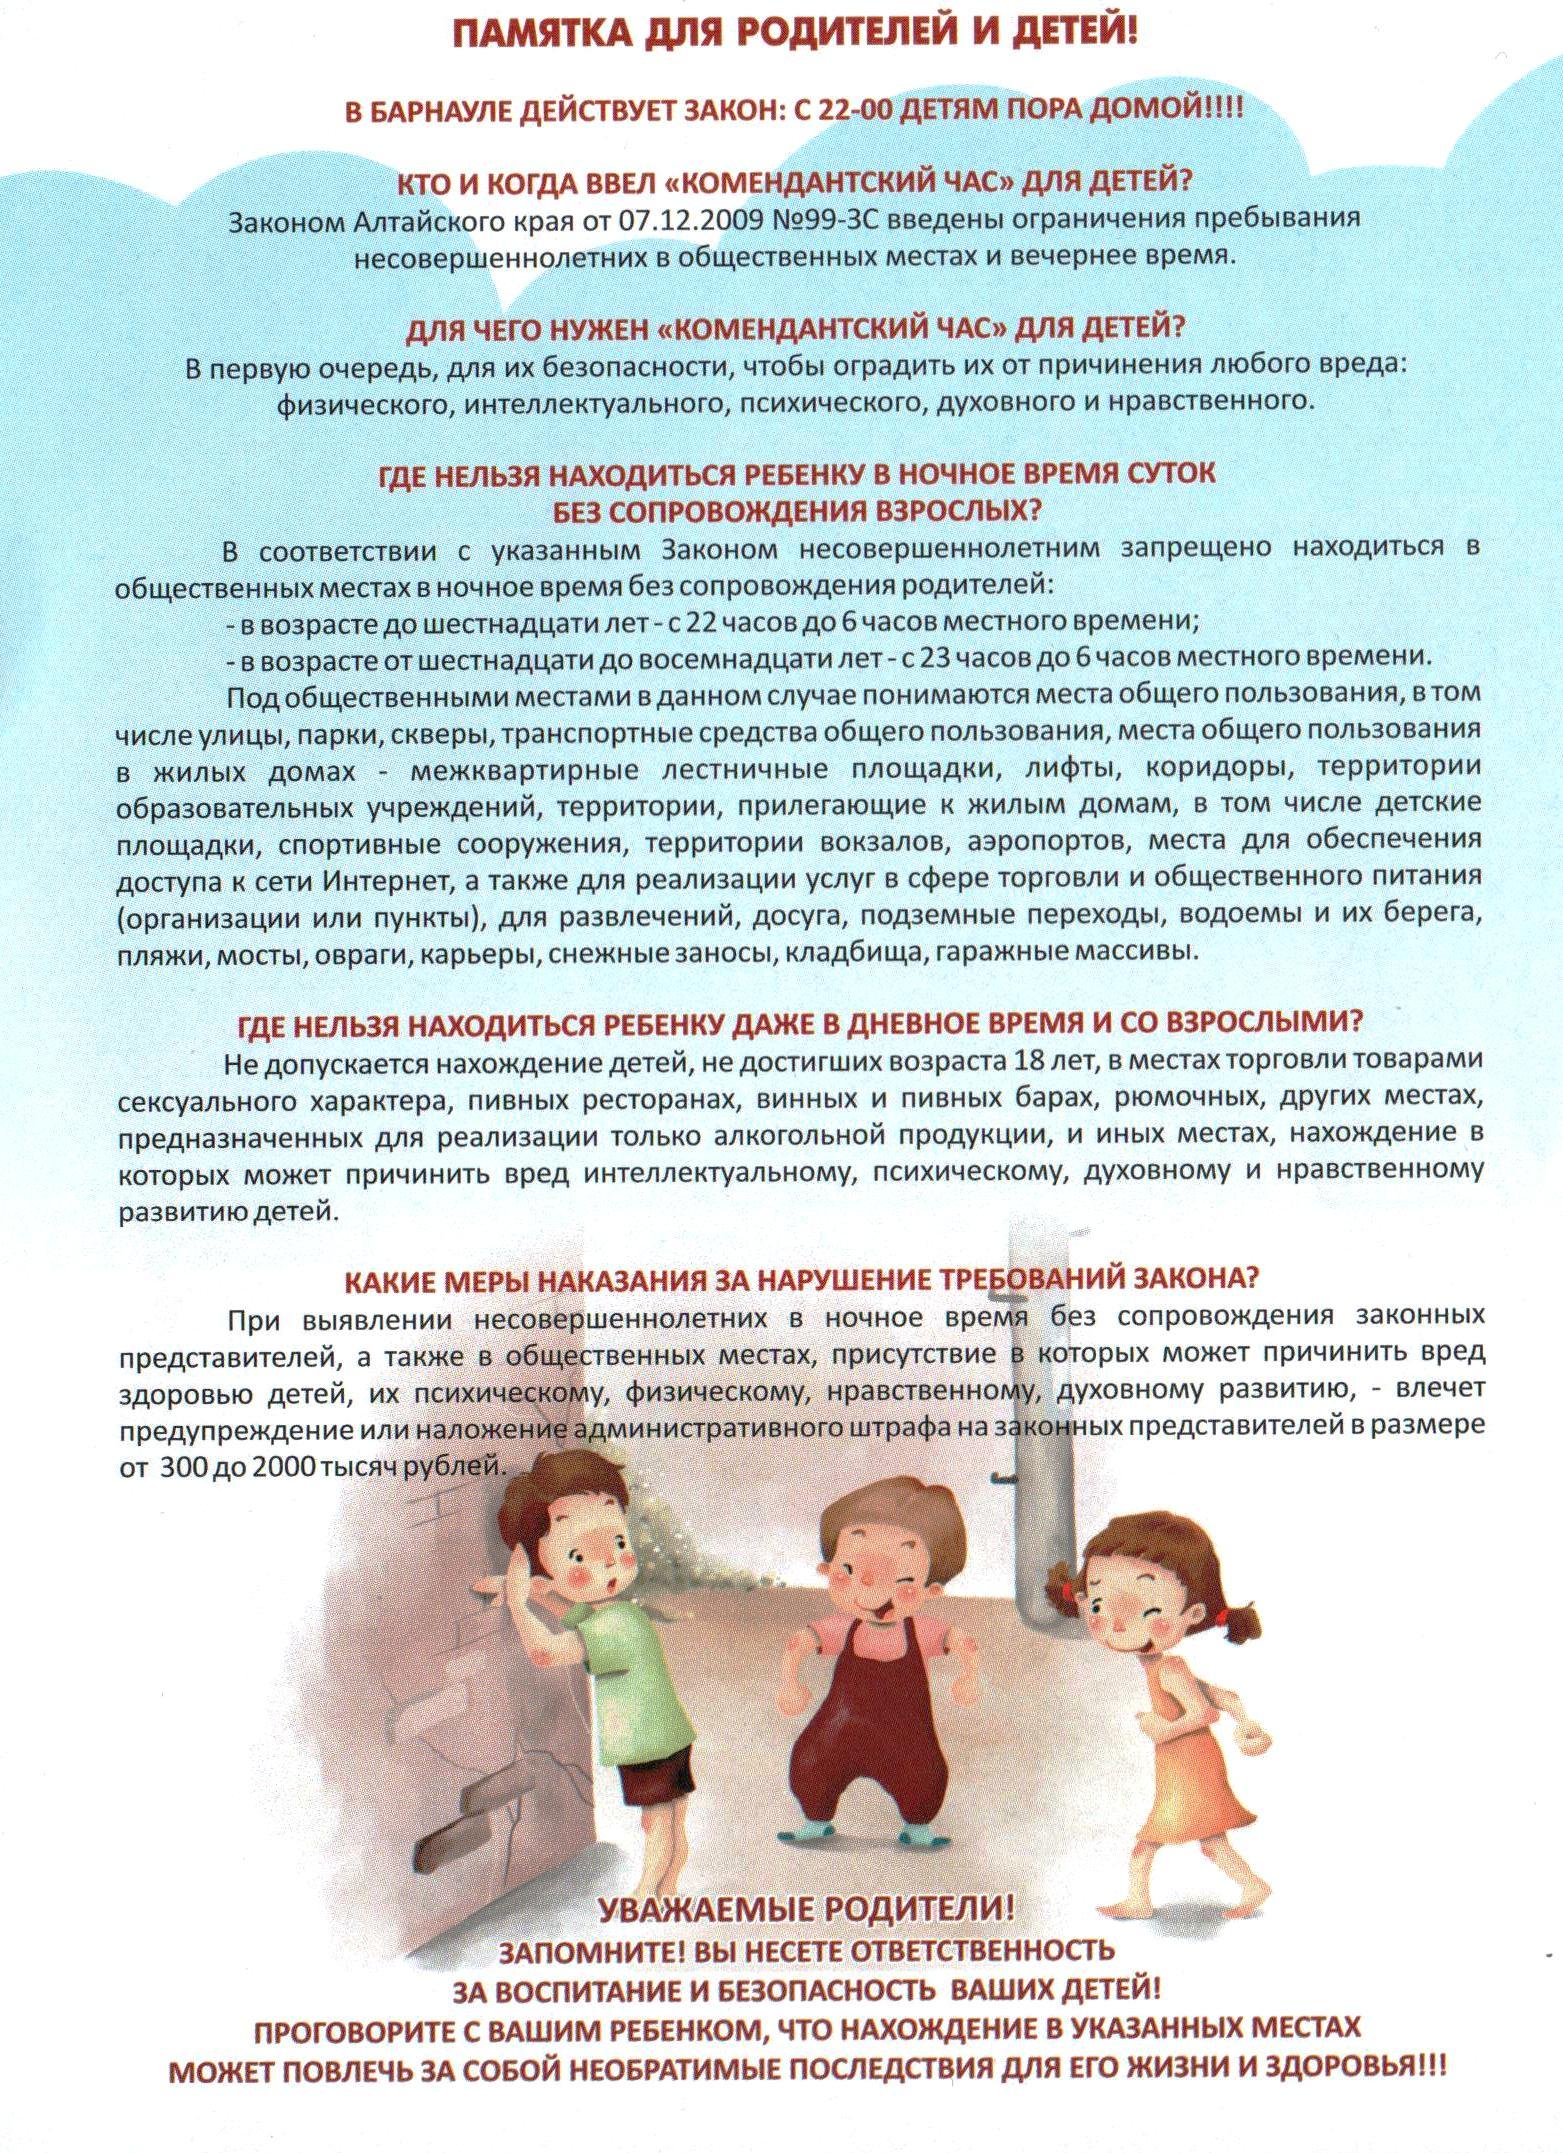 закон о проведении ремонтных работ в москве